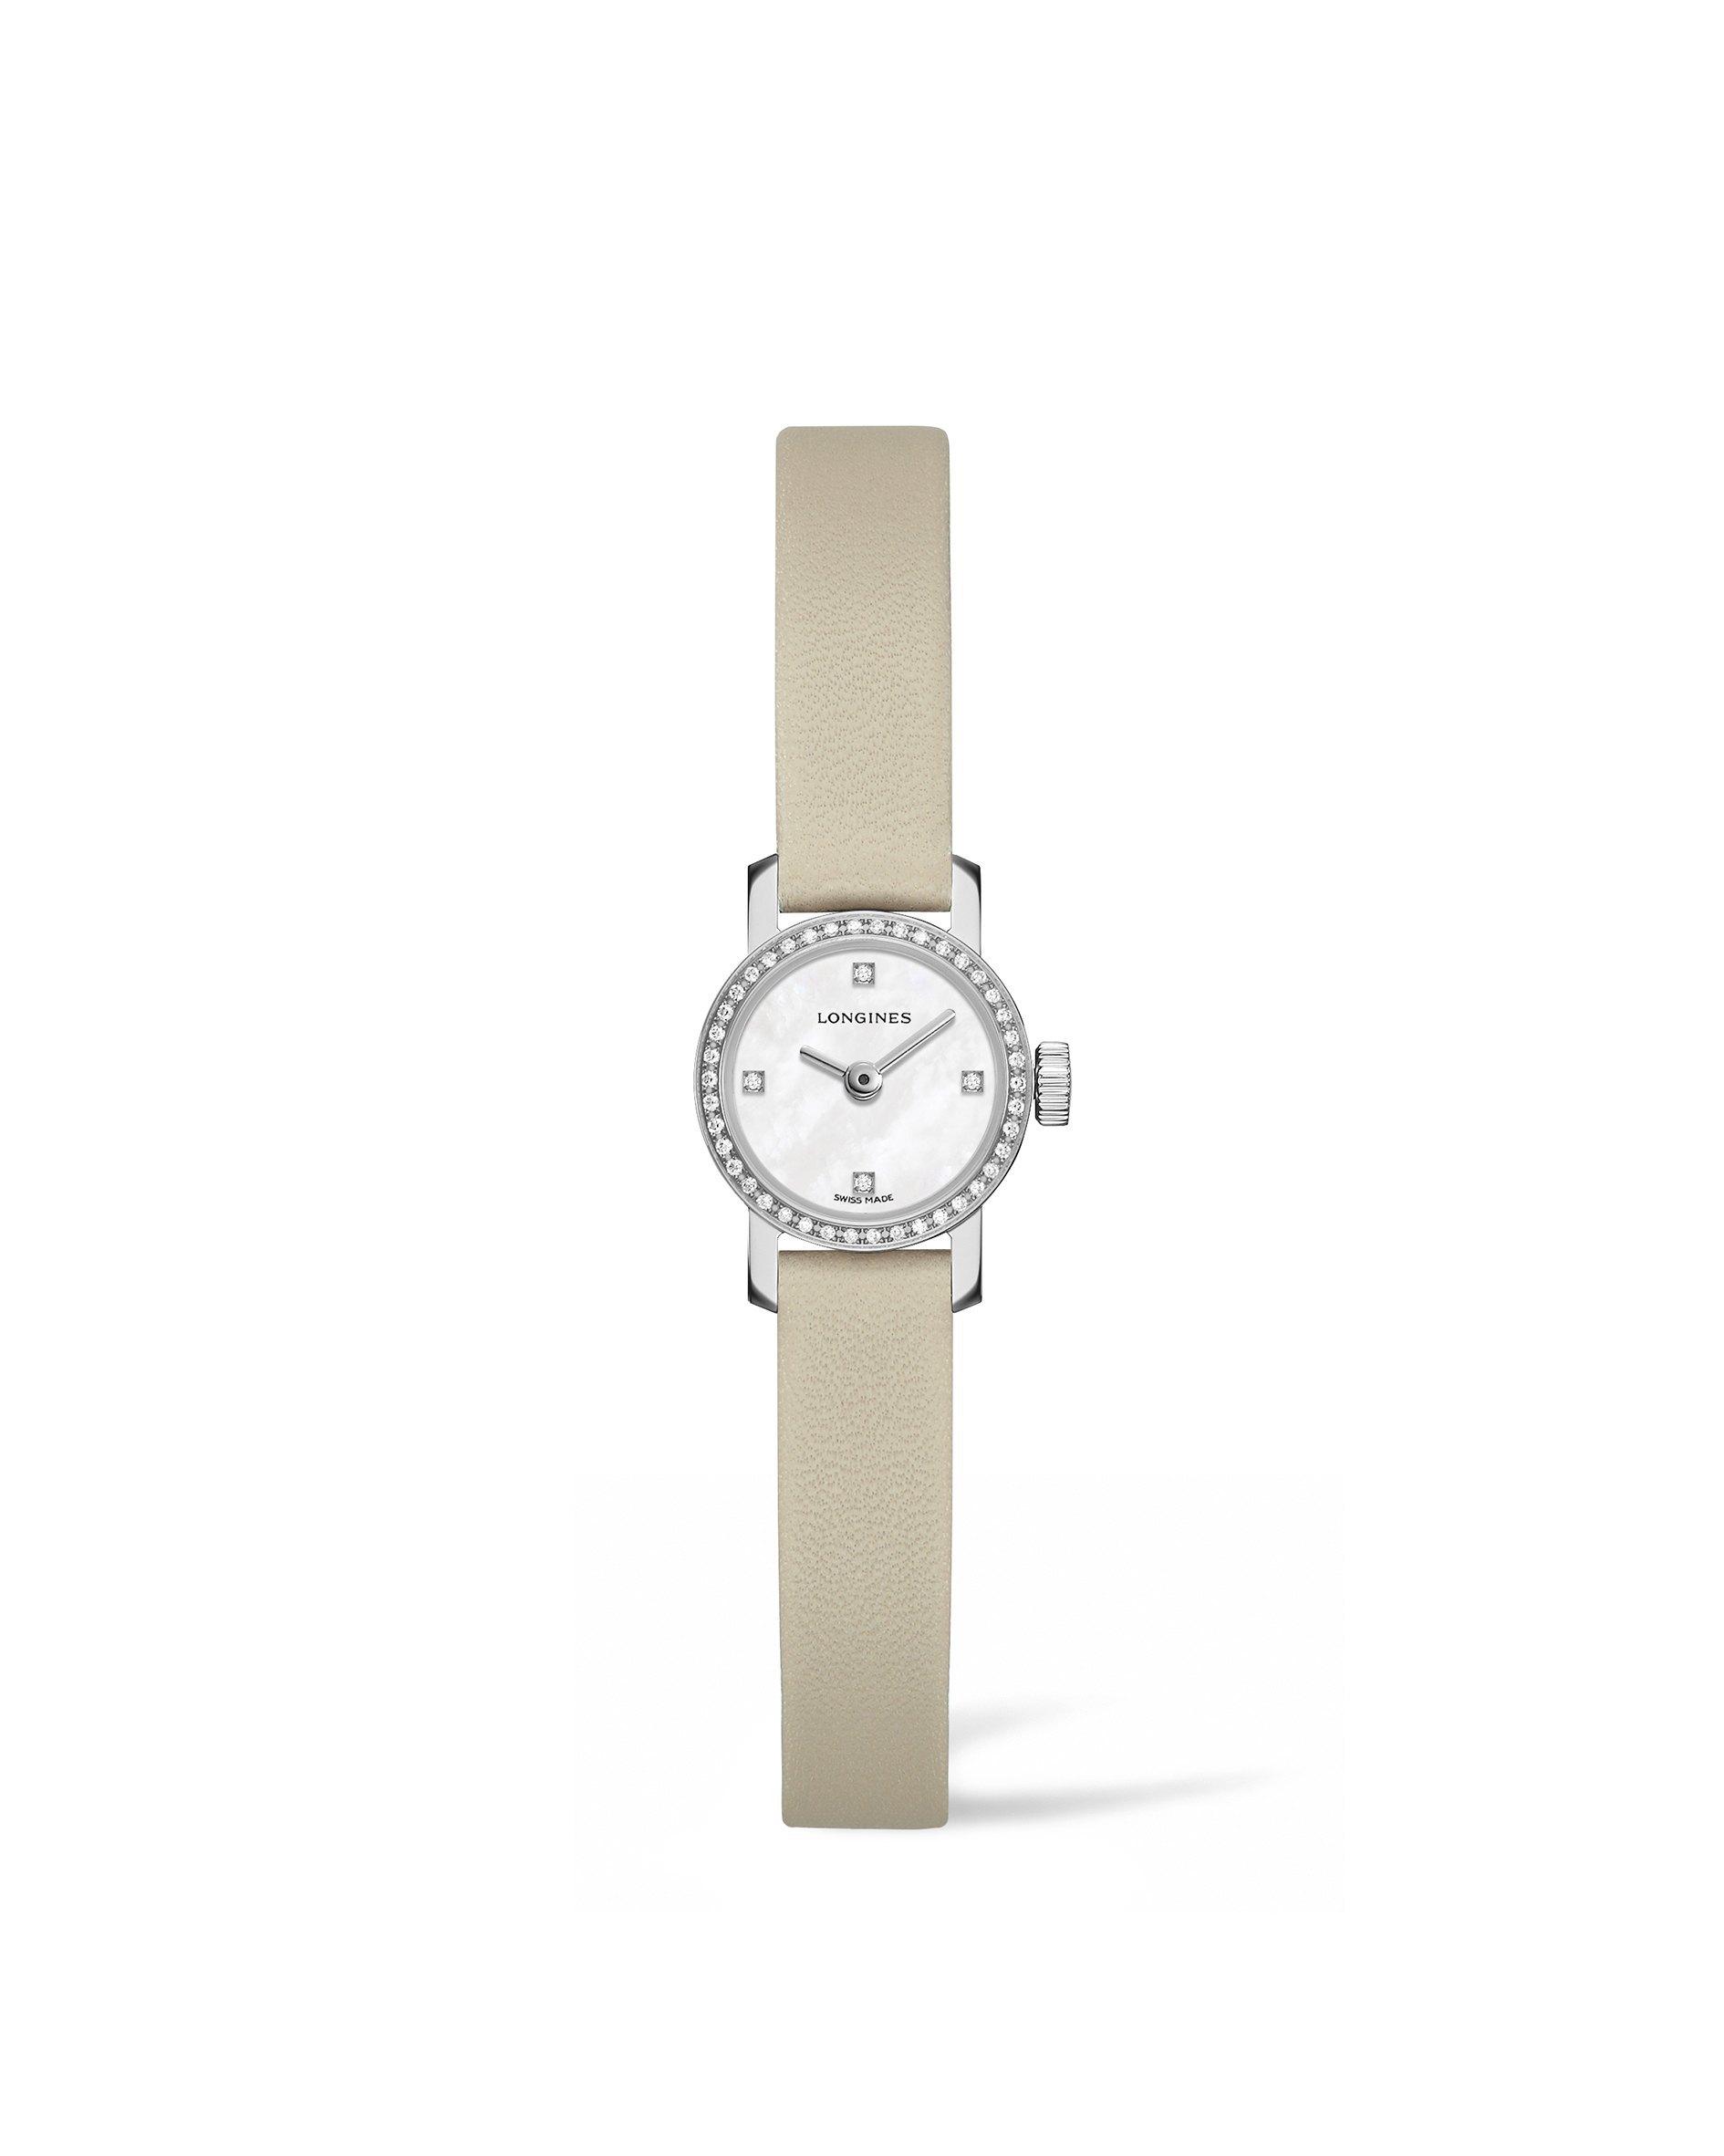 Longines Mini – Cuando la relojería se convierte en joyería